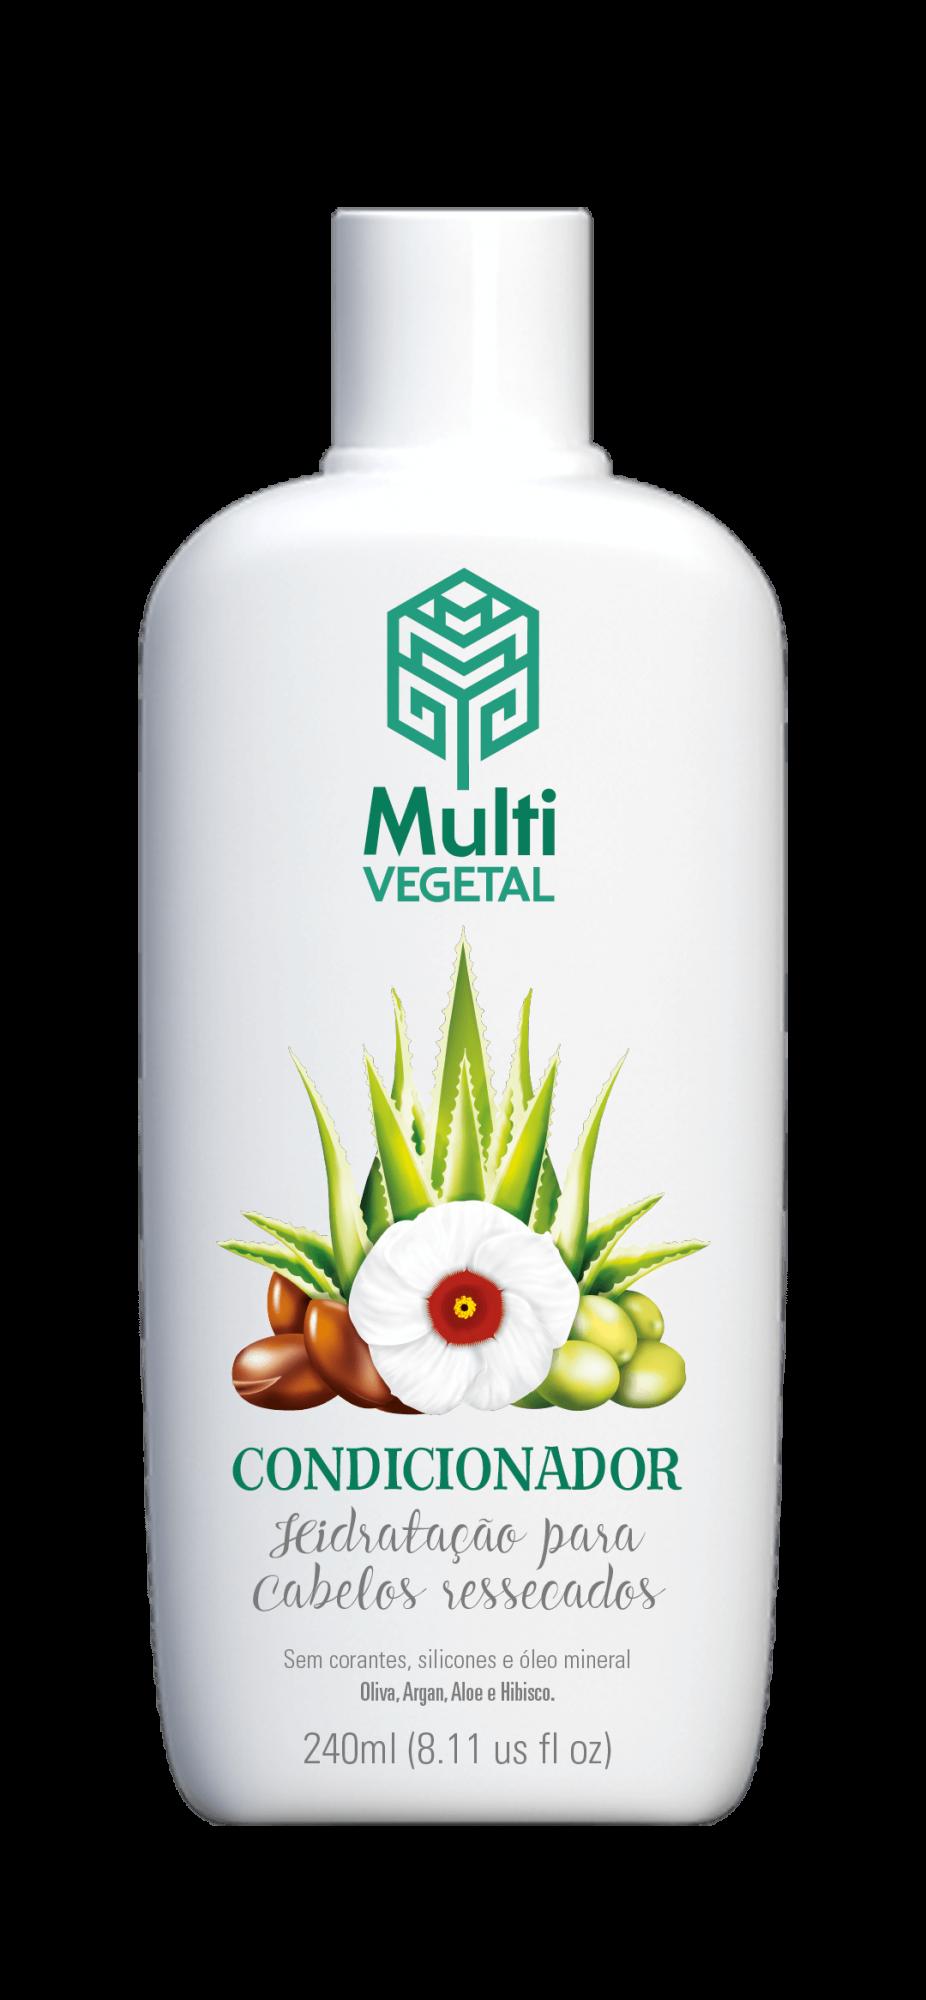 Condicionador de Oliva com Argan Multi Vegetal - 240ml